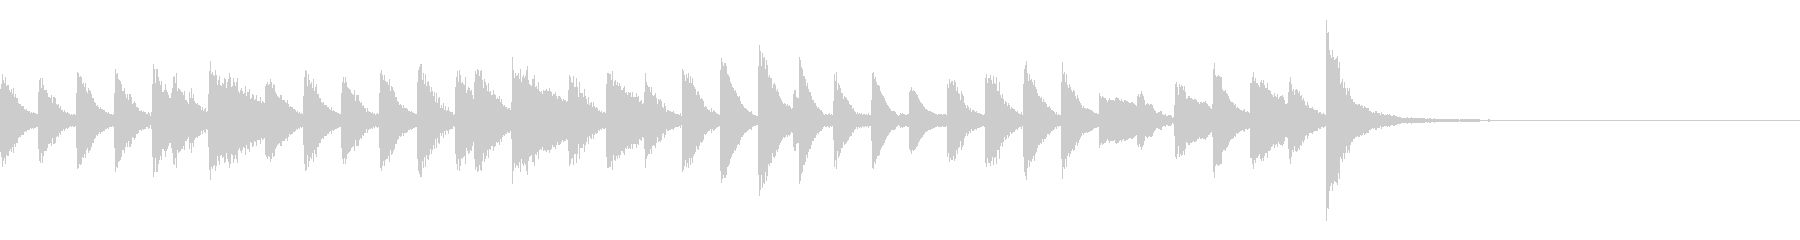 弾むリズムの可愛らしいピアノジングルの未再生の波形